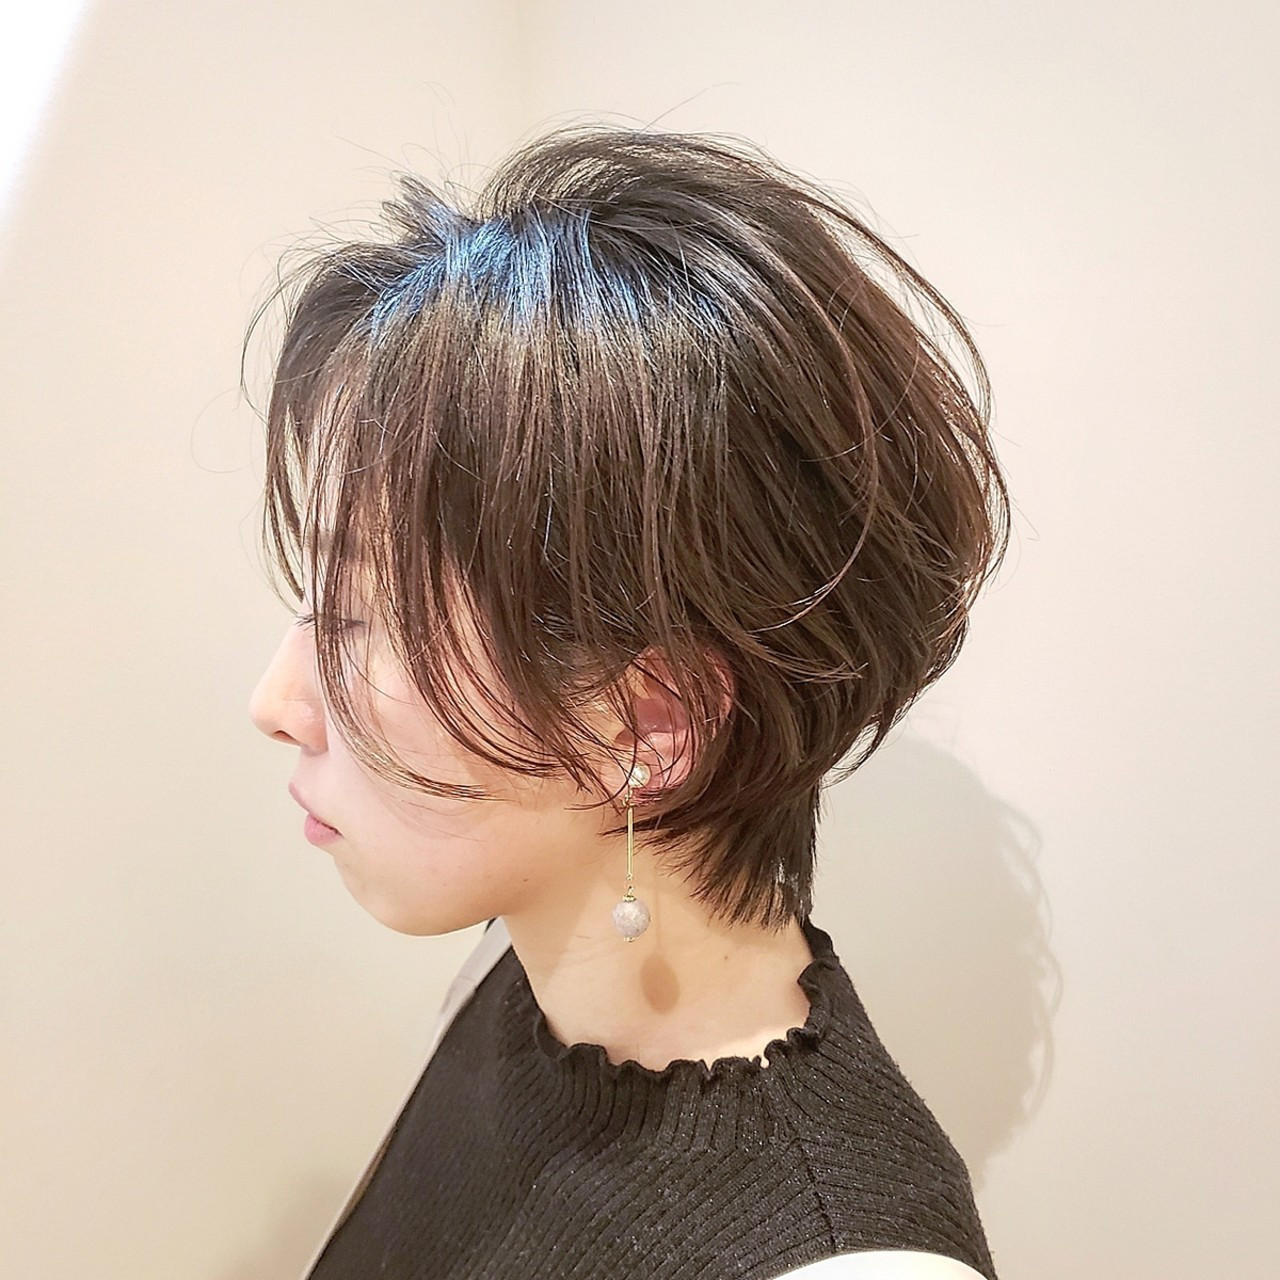 アンニュイほつれヘア パーマ デート 簡単ヘアアレンジ ヘアスタイルや髪型の写真・画像